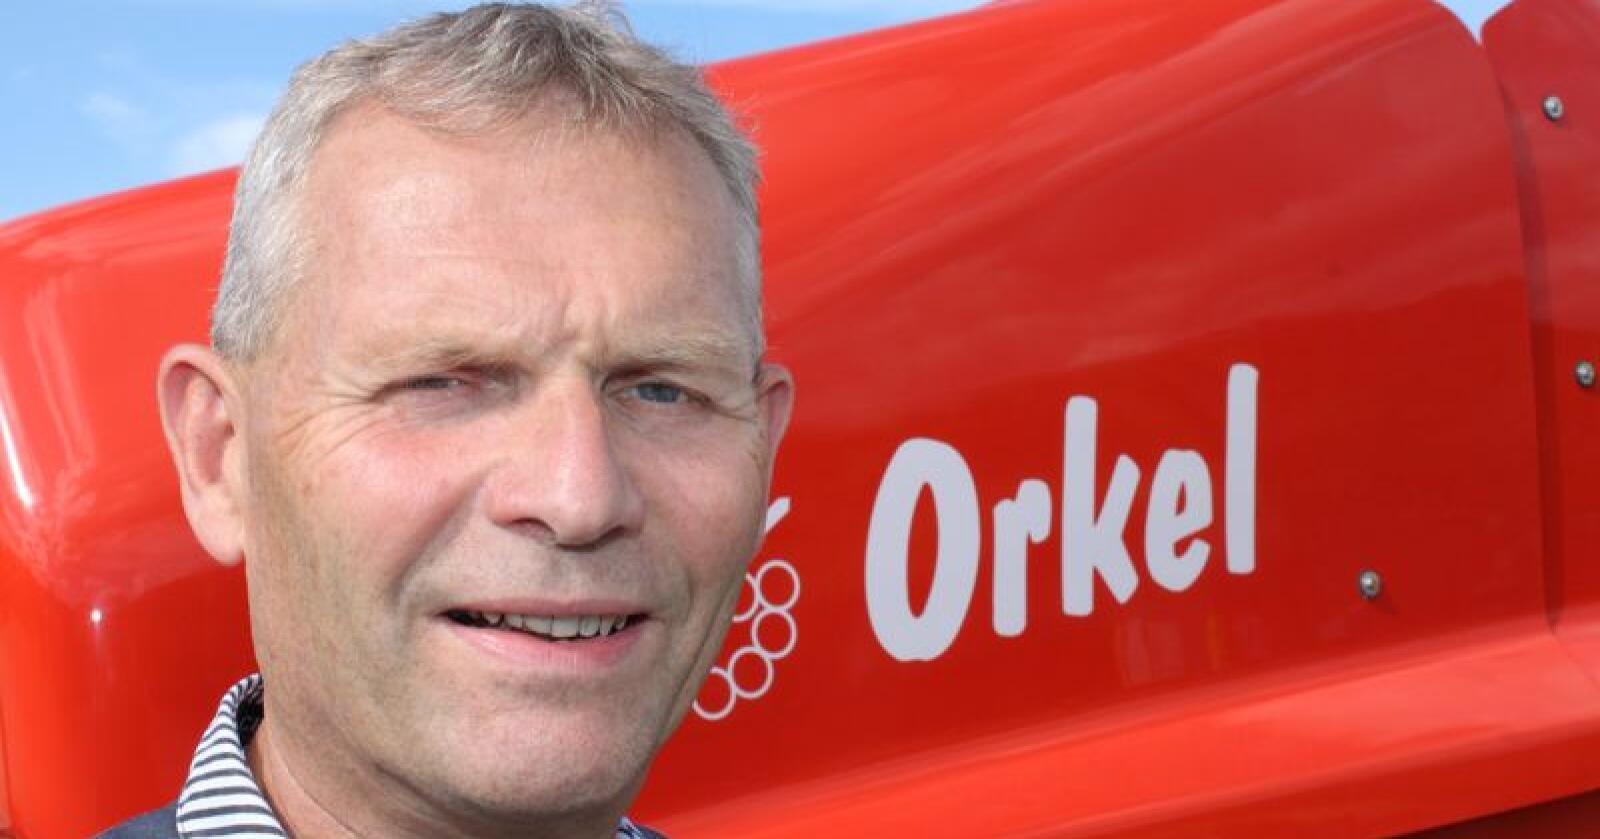 Jarl Gjønnes i Orkel sier at både de og Felleskjøpet Agri har innsett at partene ikke lykkes med samarbeidet som startet i 2014. Foto: Dag Idar Jøsang